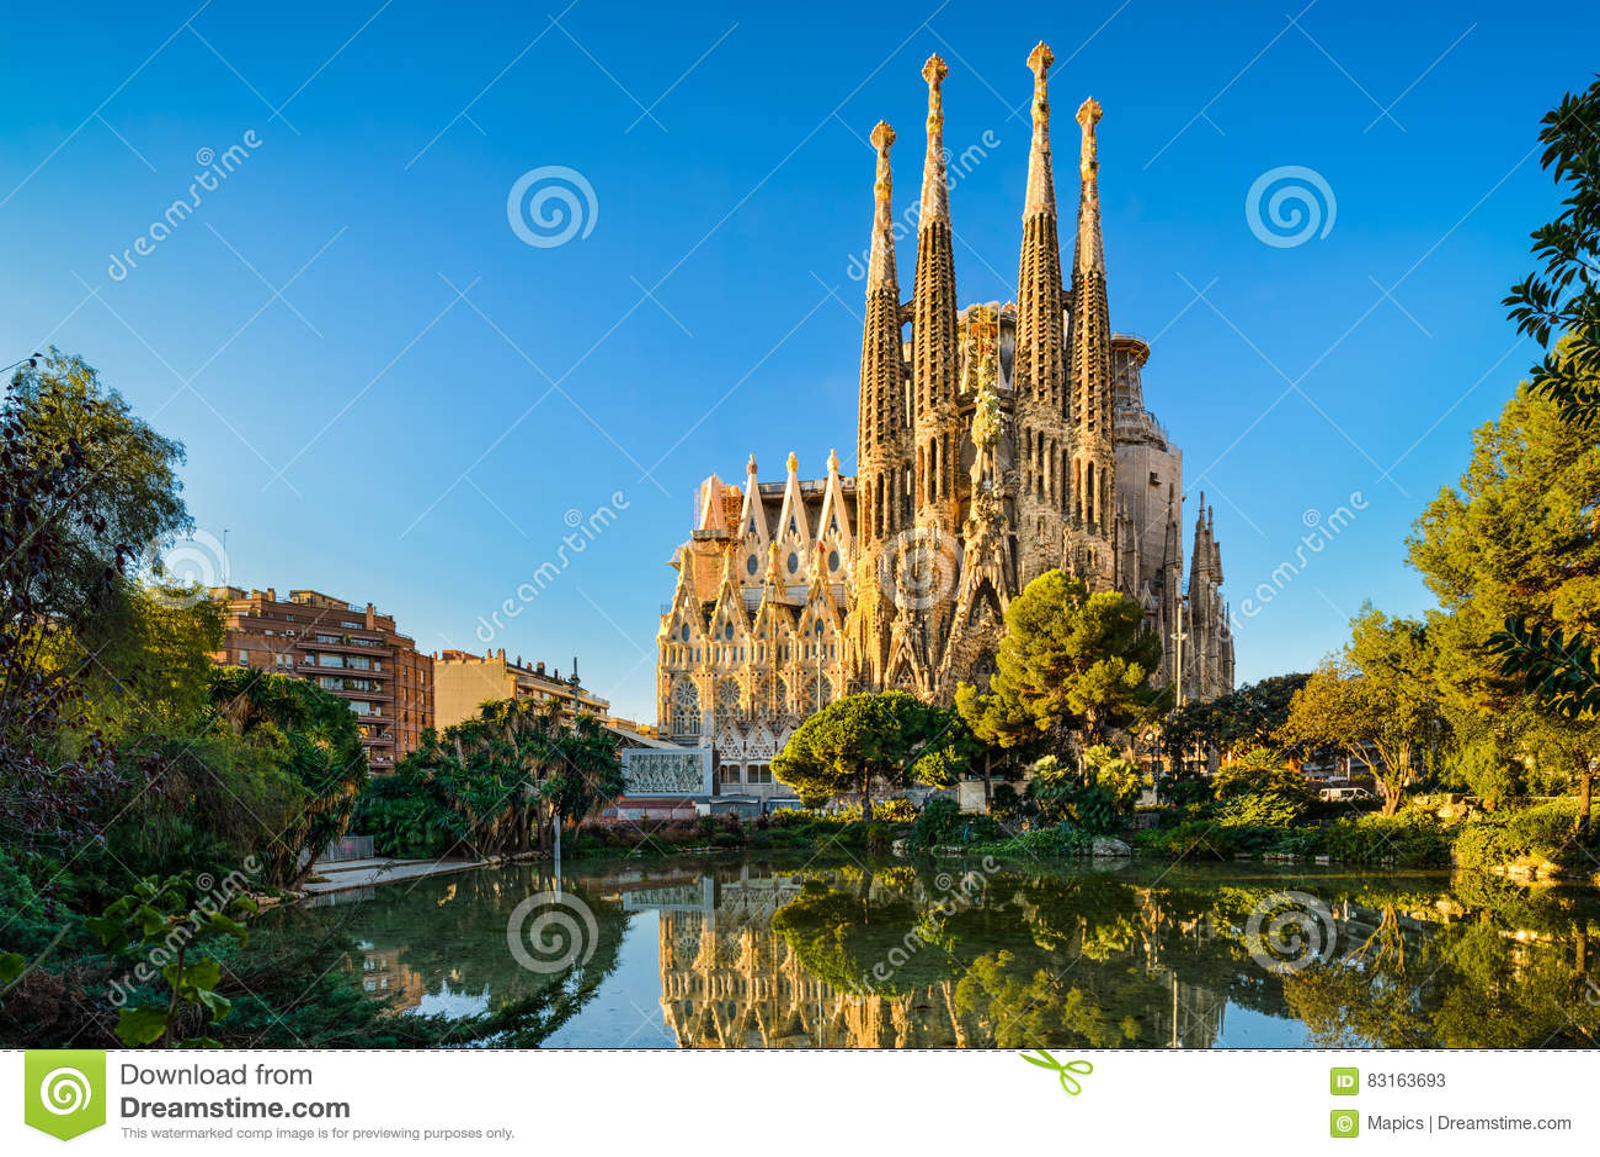 Sagrada Familia in Barcelona, Spain